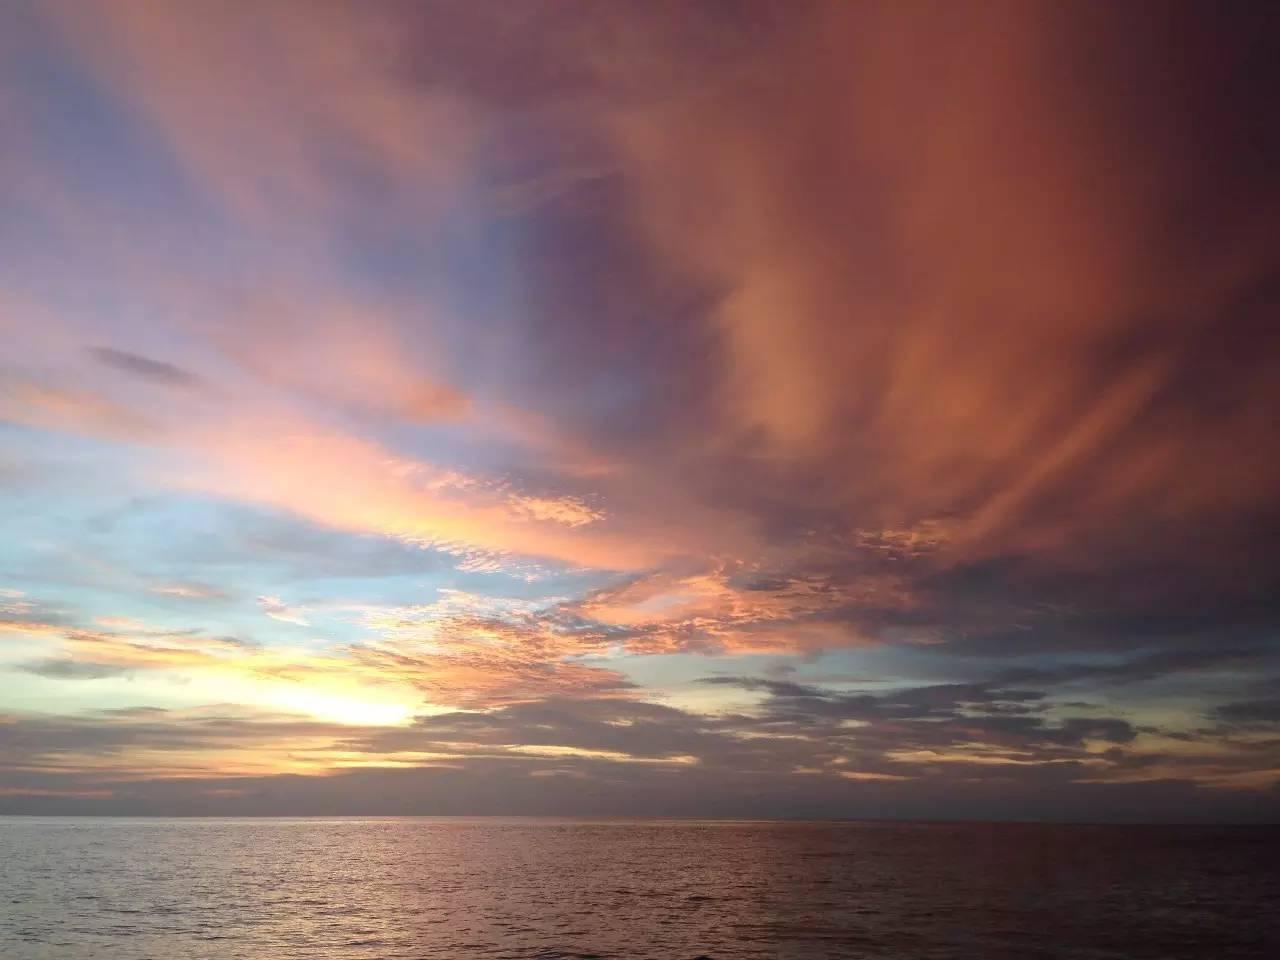 难忘的日落风帆,菲律宾极美海岛游记! 1d609d0a3a62918794111b02210e5aea.jpg